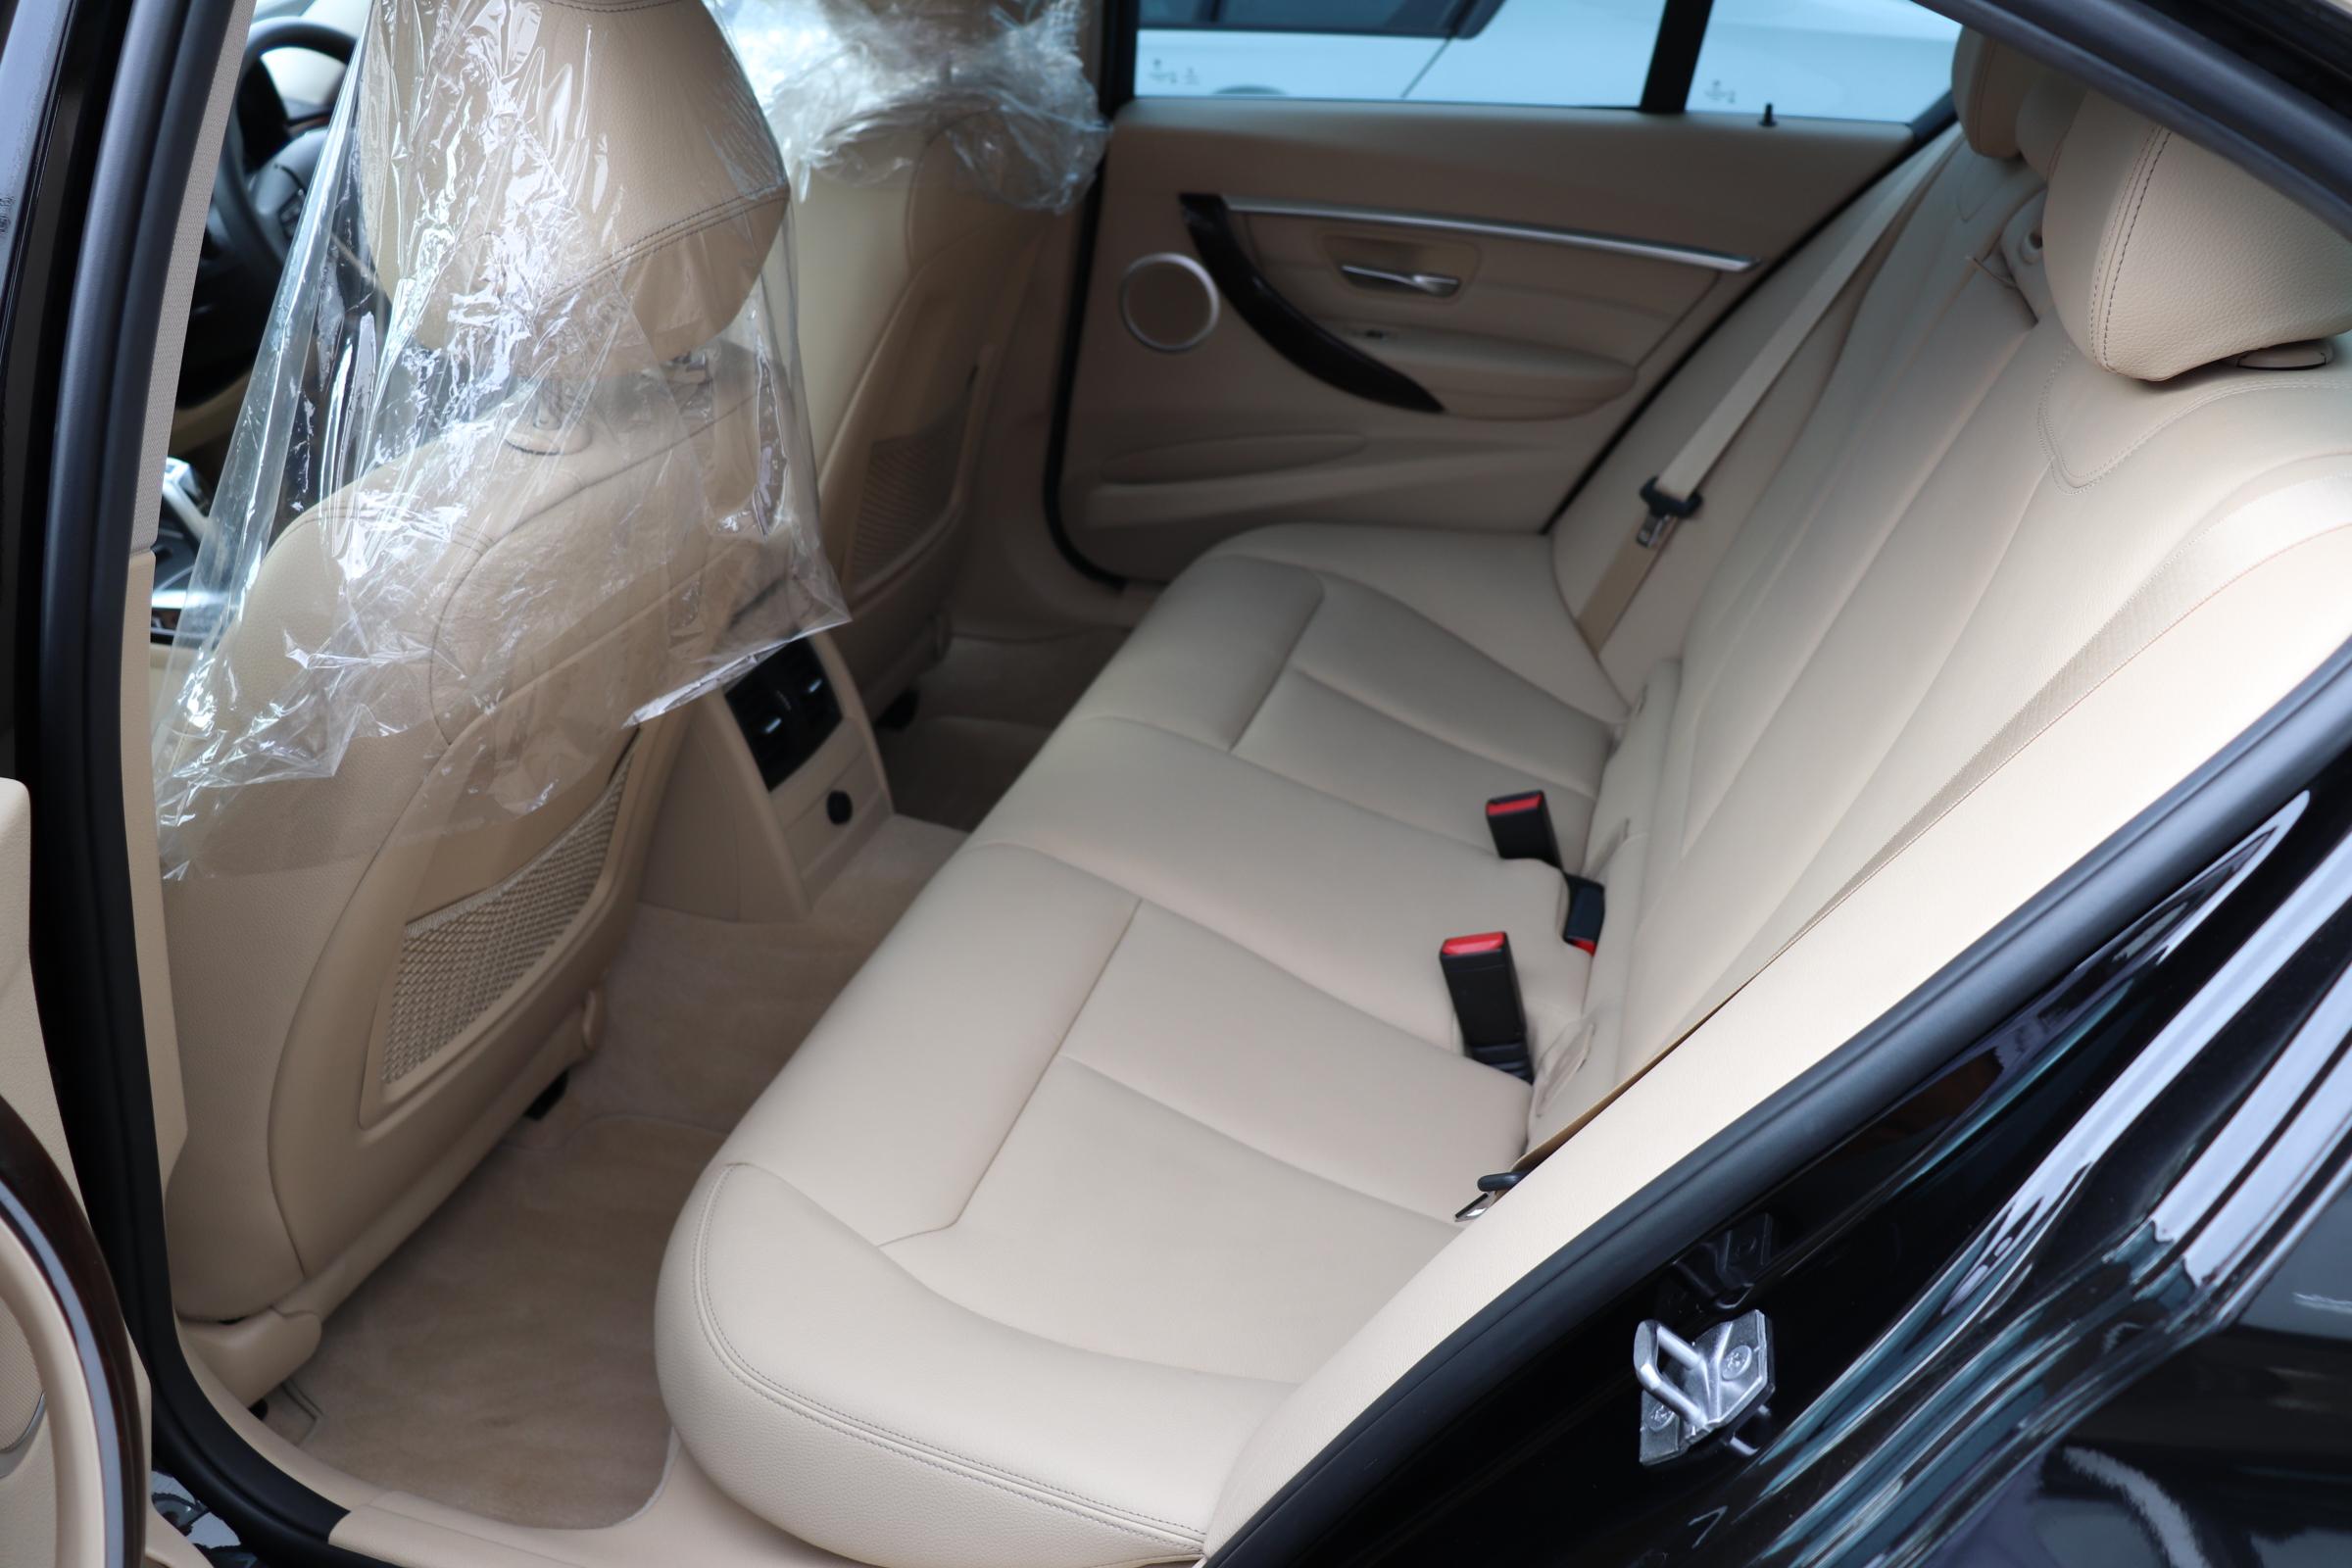 320d ラグジュアリー BEAMコンプリートカー後期モデル 淡革 LEDヘッド ACC車両画像12